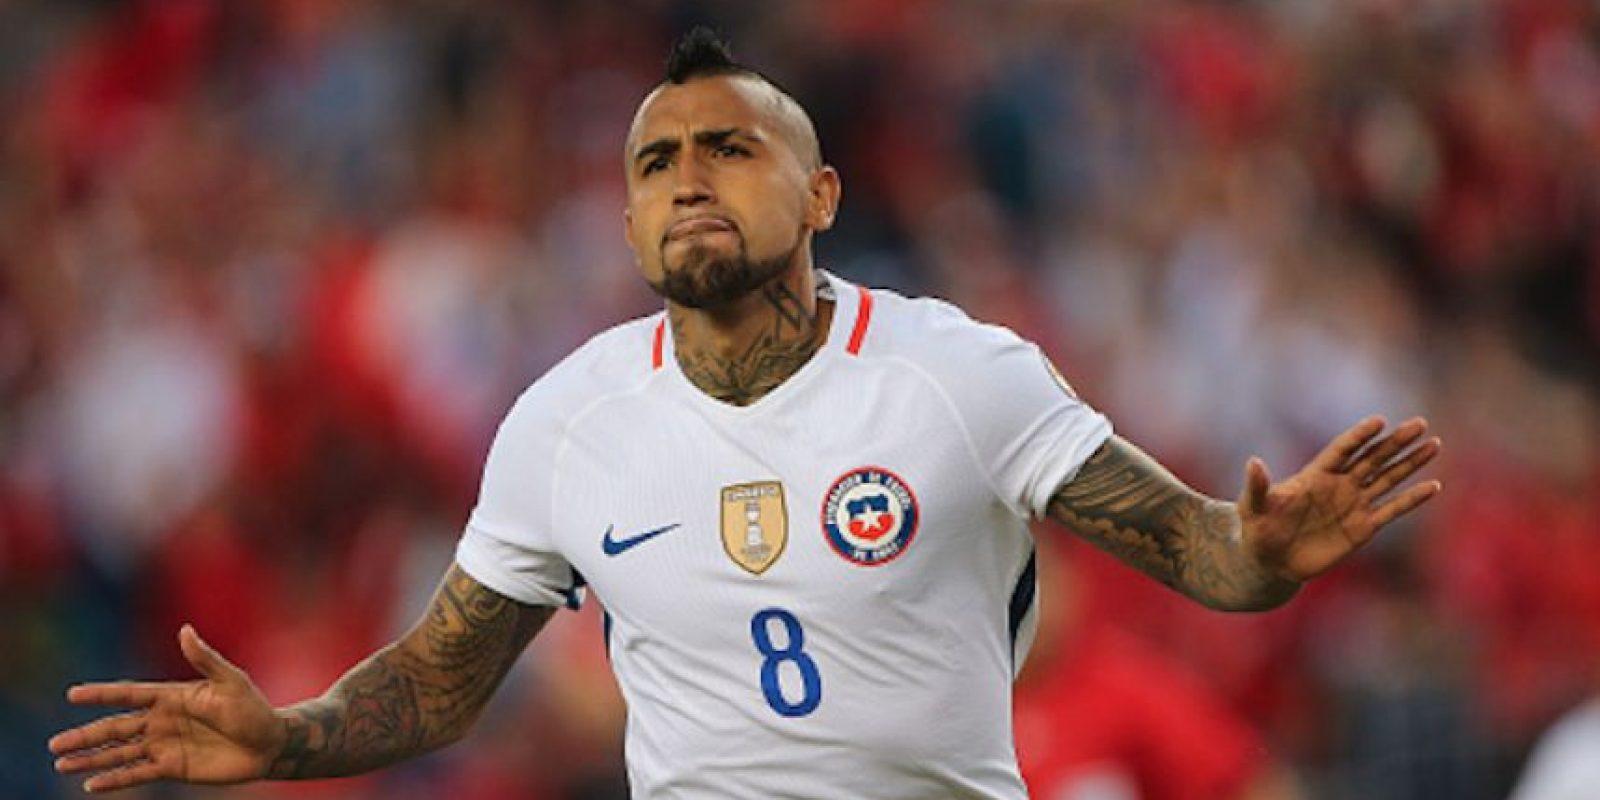 """El """"Rey"""" Arturo Vidal marcó los dos goles que le dieron la victoria a La Roja. Foto:Getty Images"""